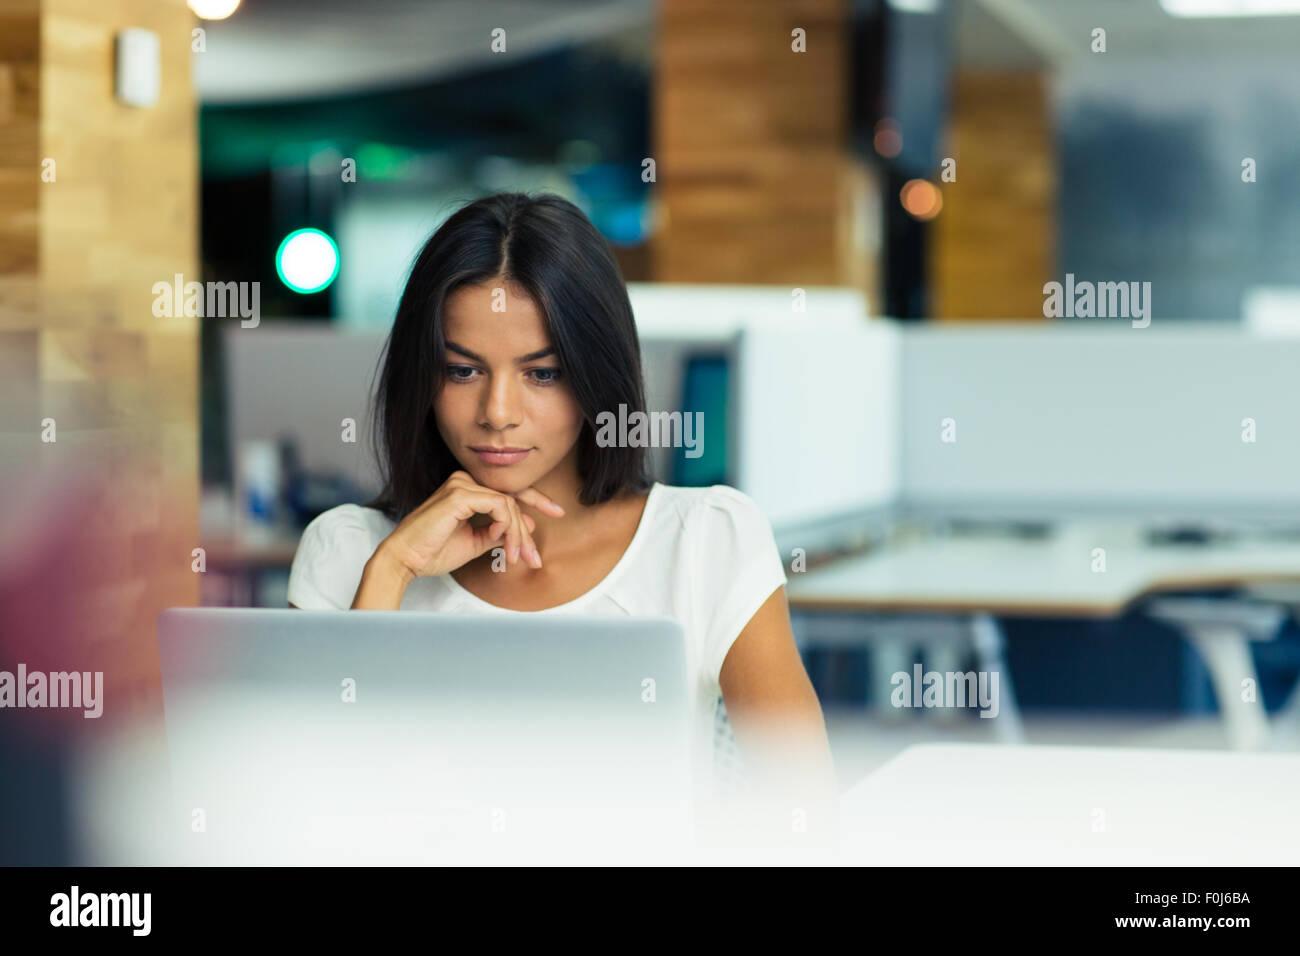 Ritratto di un grave imprenditrice utilizzando computer portatile in ufficio Immagini Stock